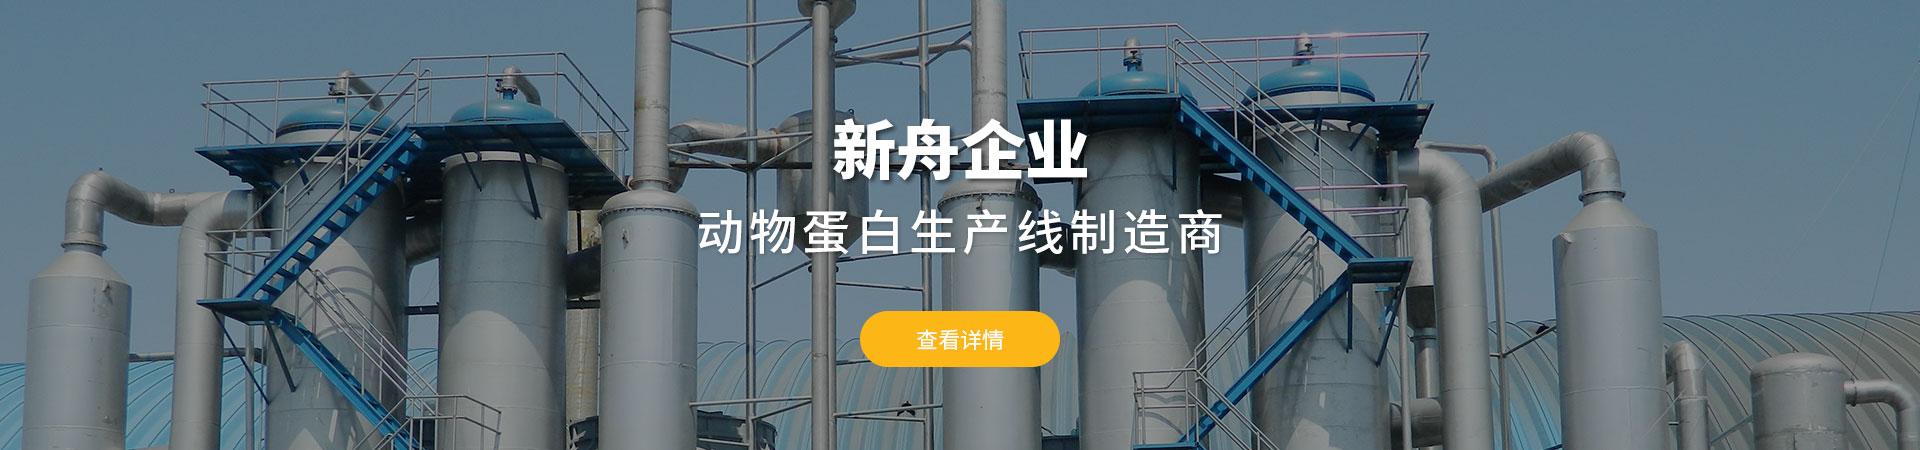 新舟企業動物蛋白生產線制造商